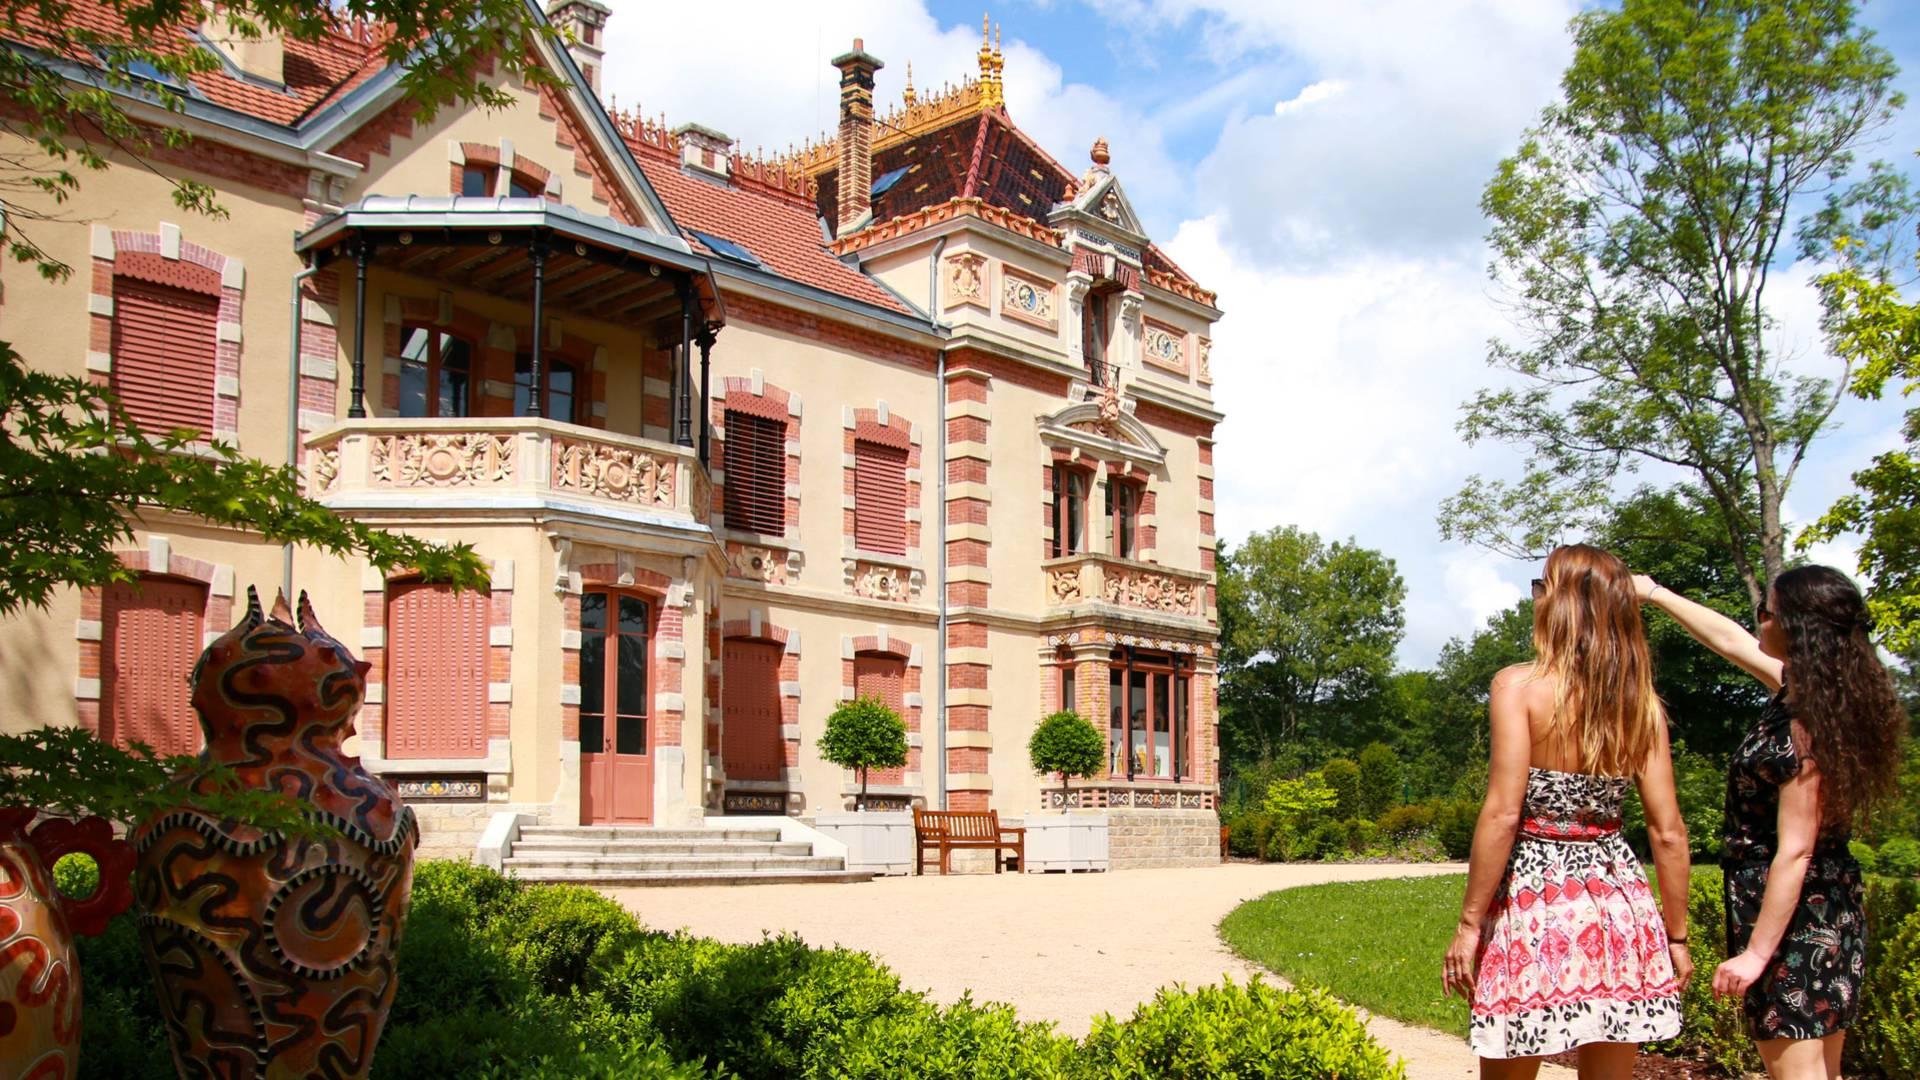 La Villa Perrusson, à Écuisses, au cœur de la vallée de la céramique. © Lesley Williamson.